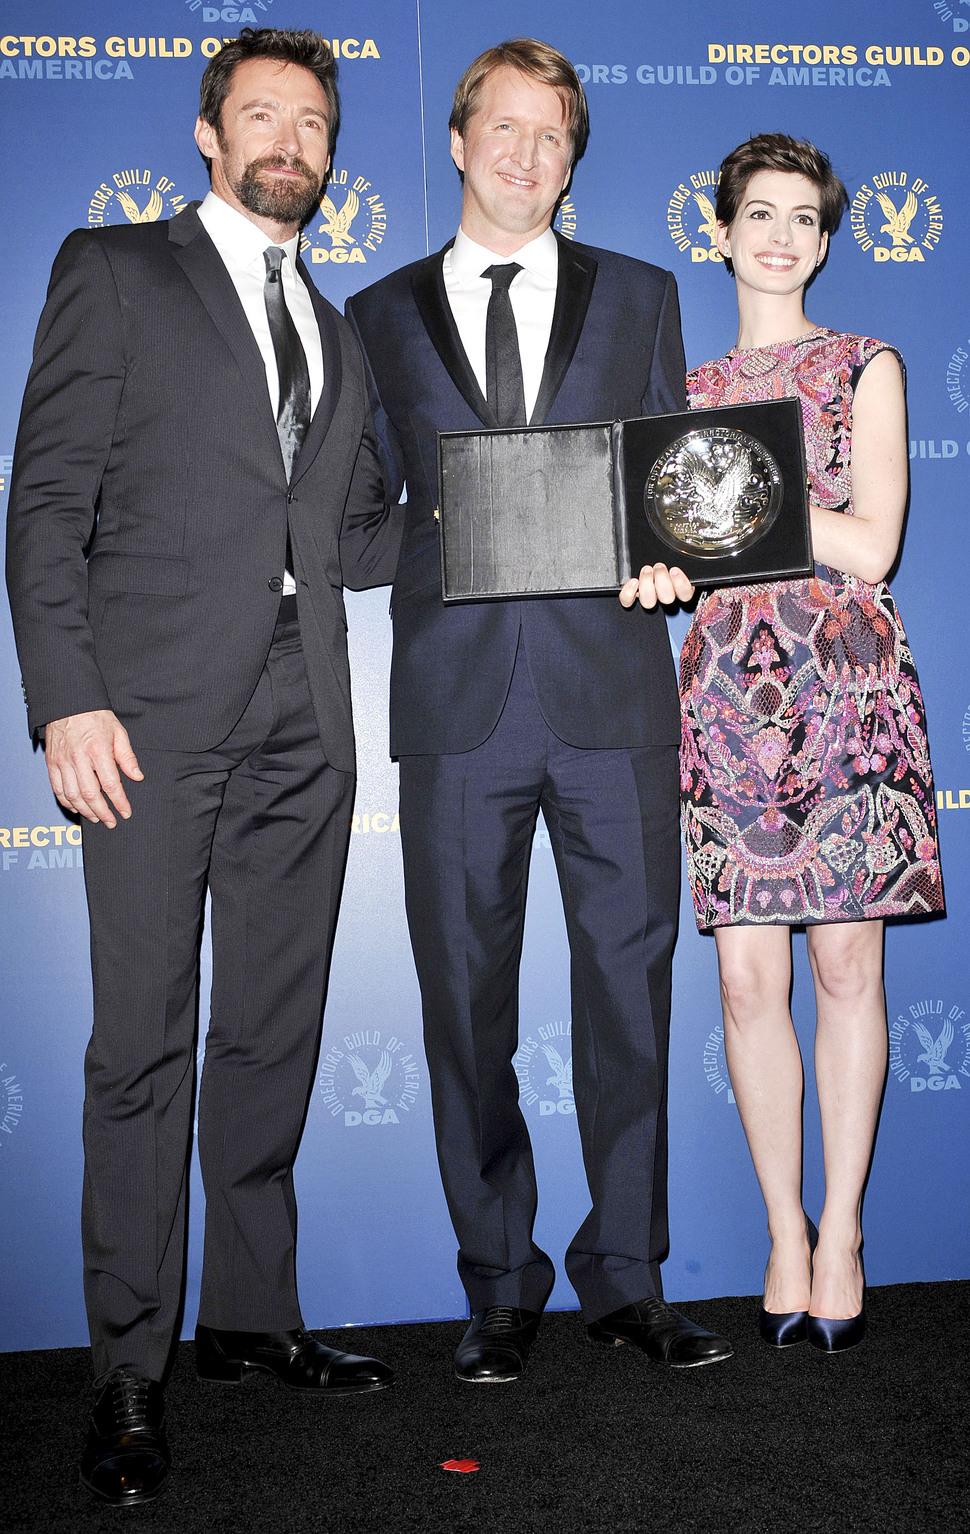 Звезды на церемонии  Directors Guild Awards